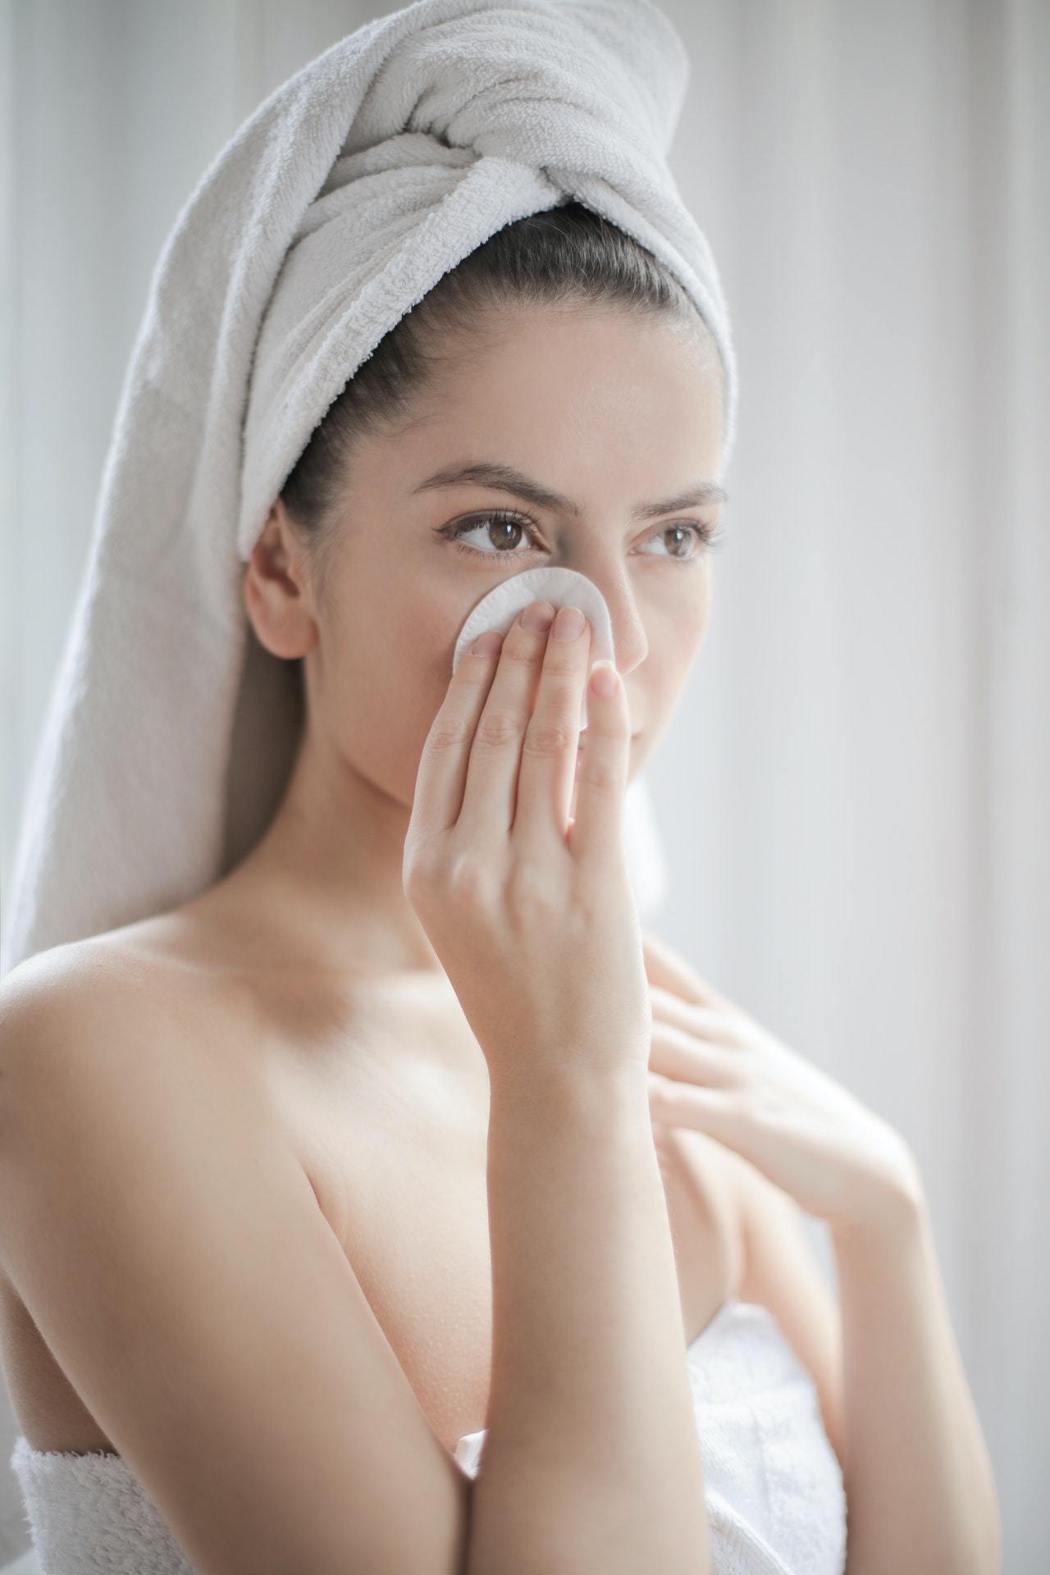 使用化妝棉時,不能用力過度。圖/摘自Pelexs